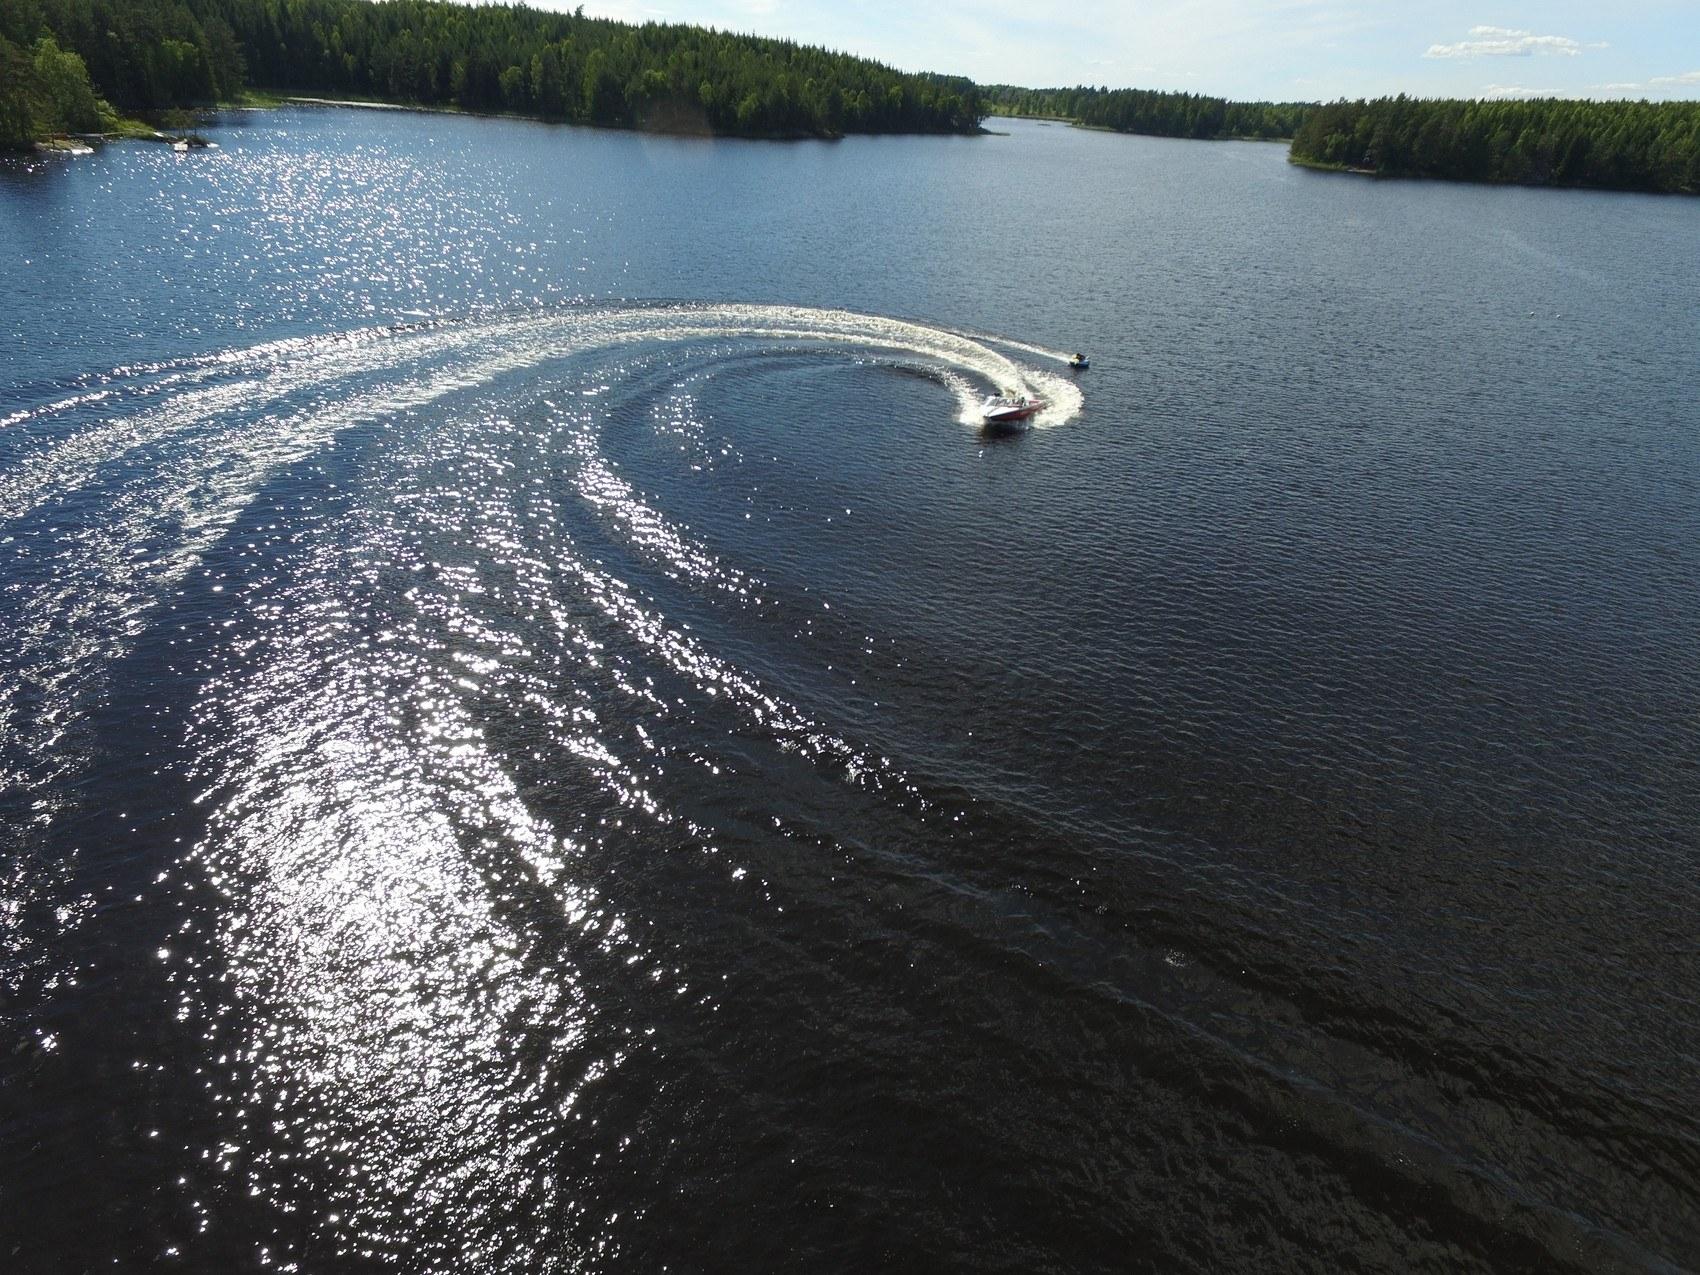 Motorbåt svänger kraftigt på sjö